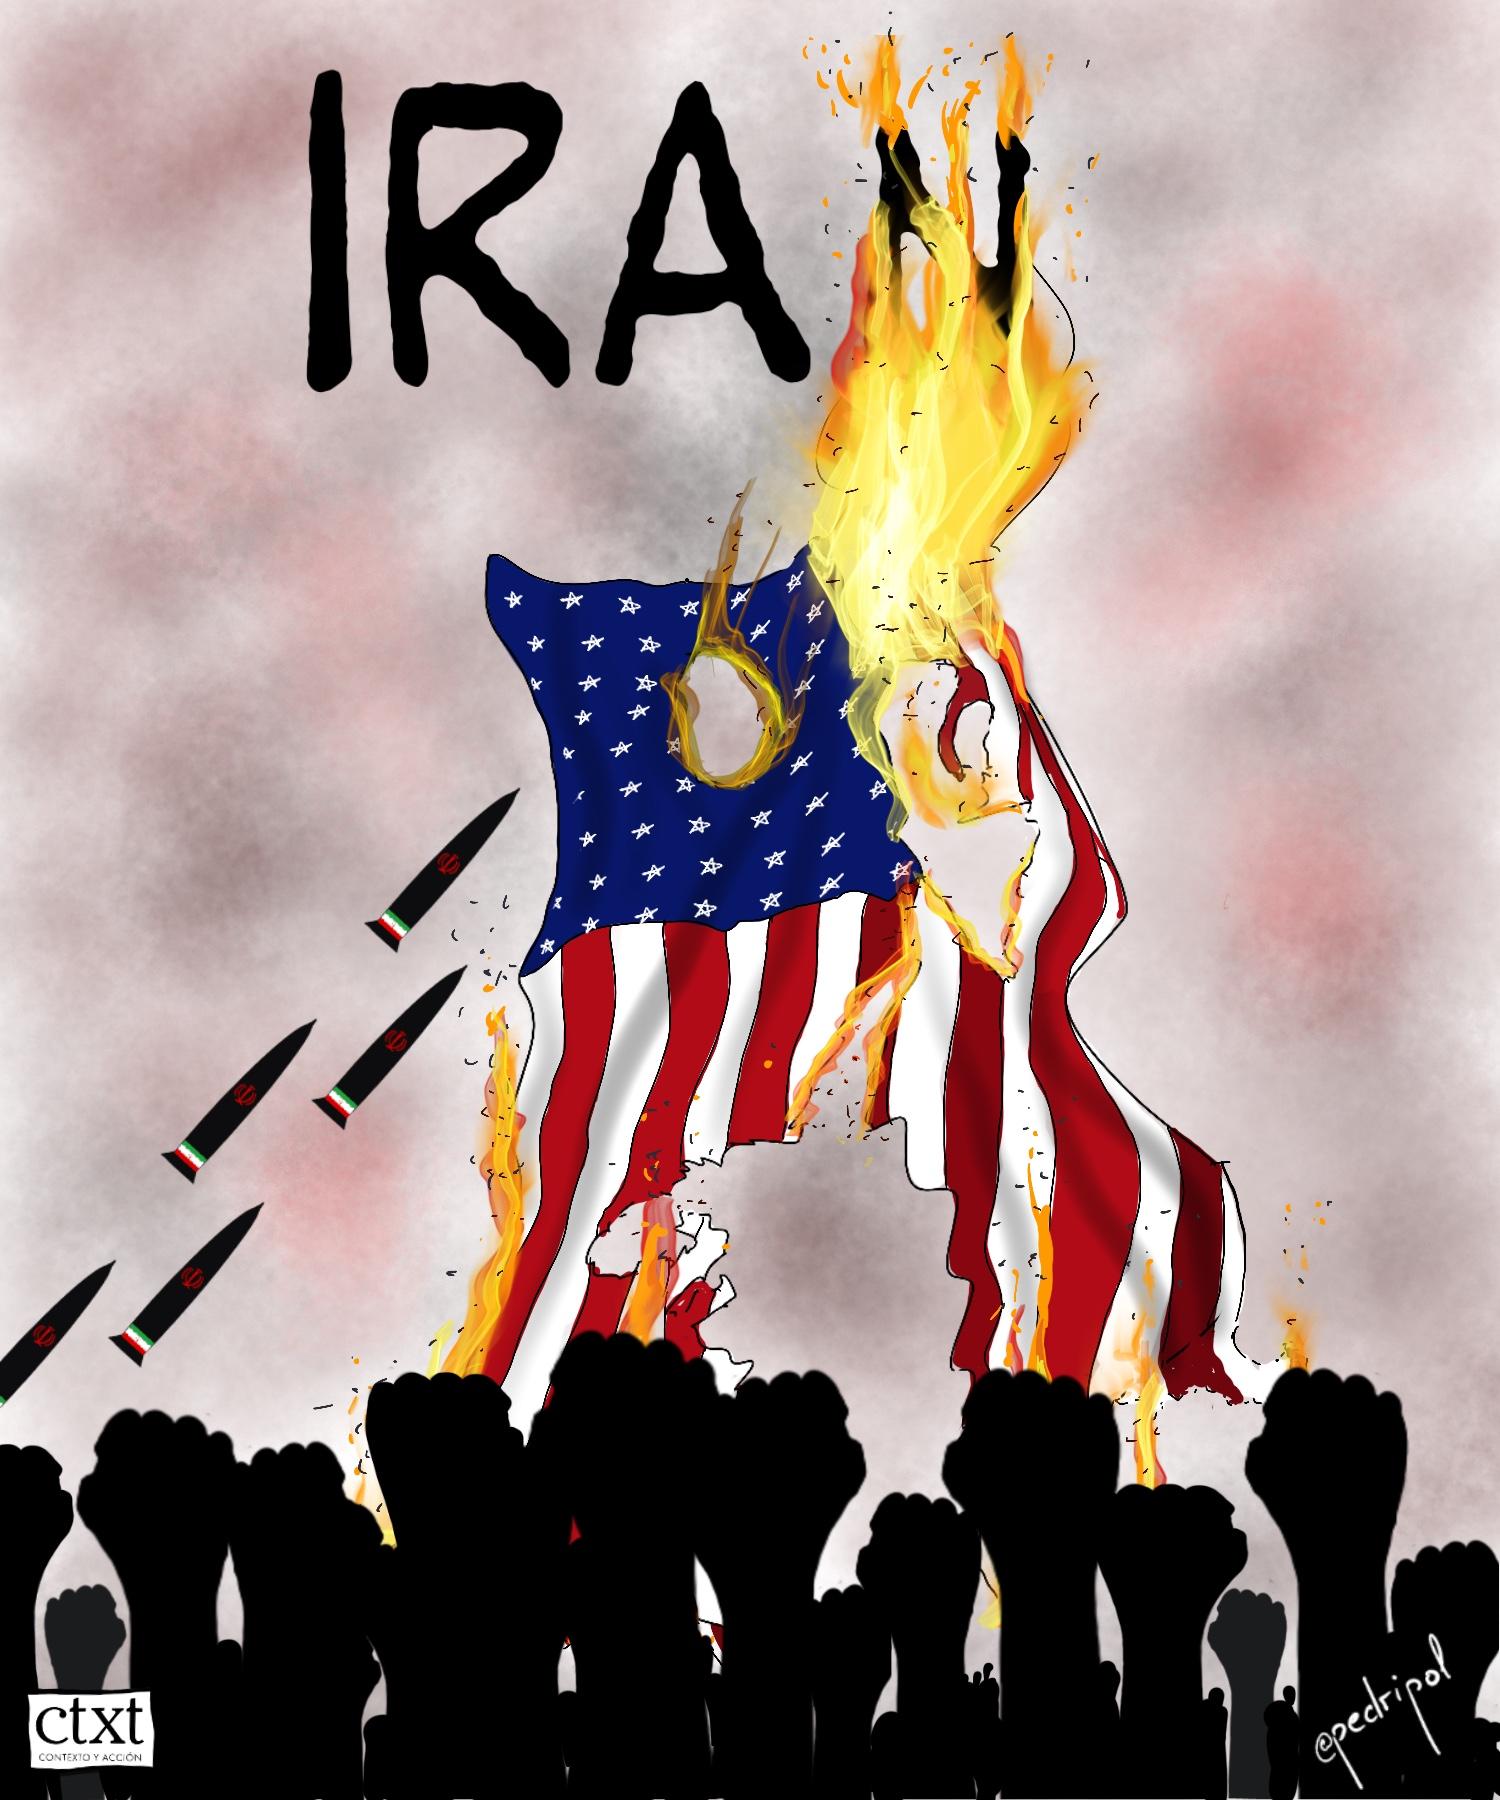 <p>EEUU, IRÁN, guerra</p>